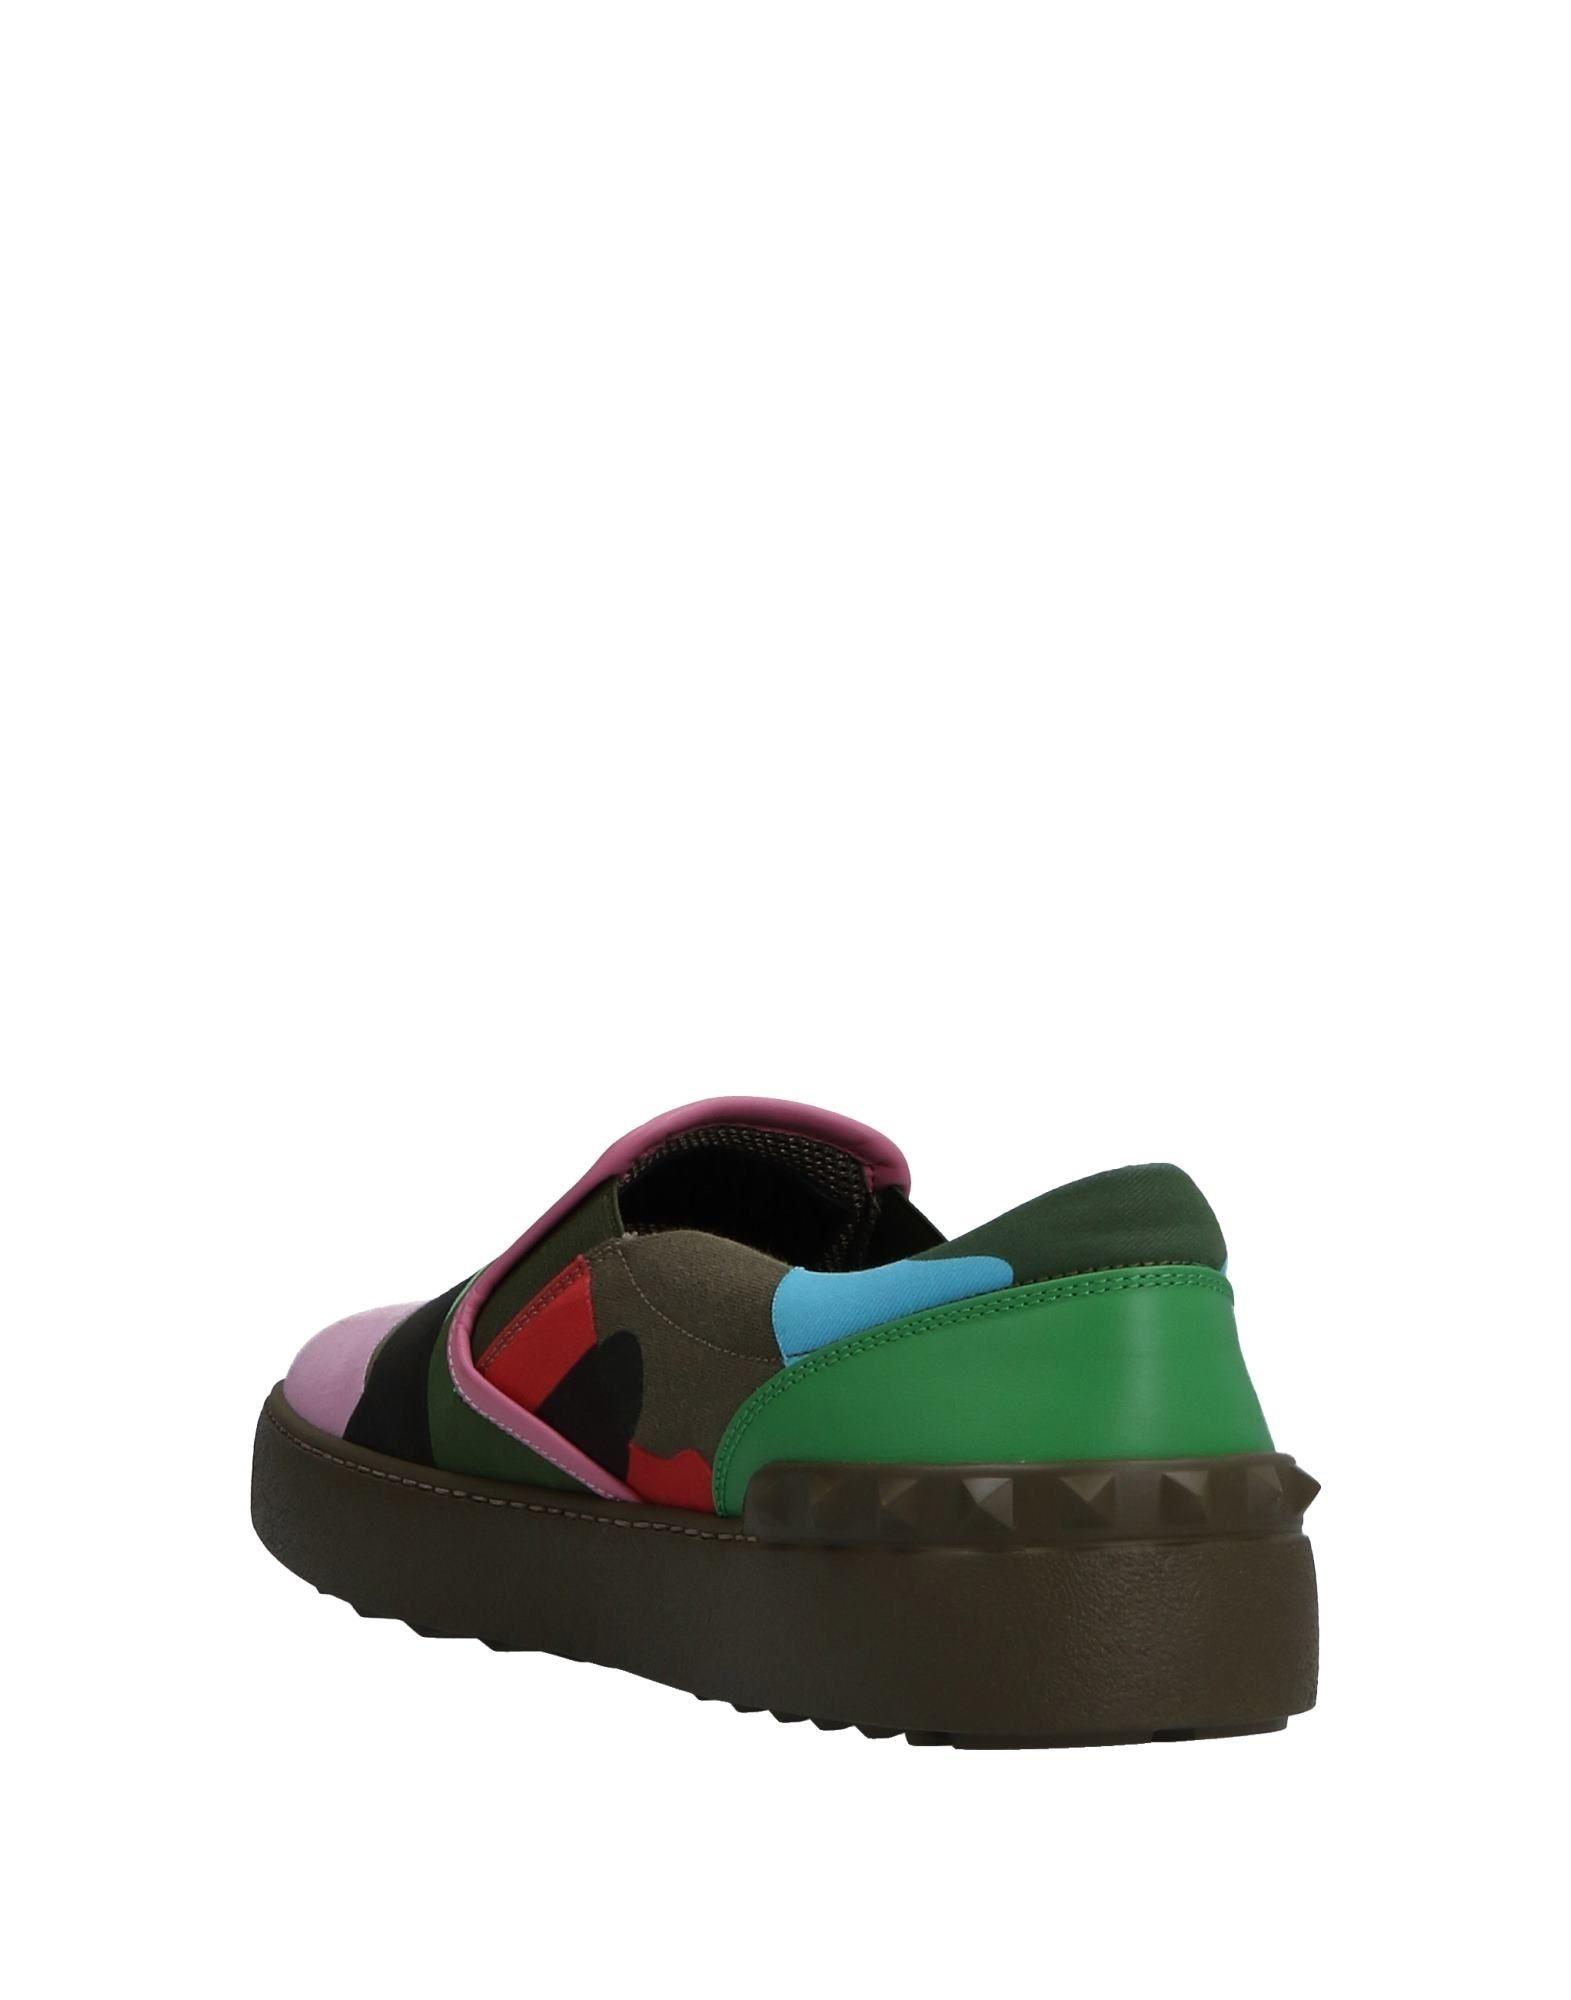 Valentino Garavani 11531532CFGünstige Sneakers Damen  11531532CFGünstige Garavani gut aussehende Schuhe 245006